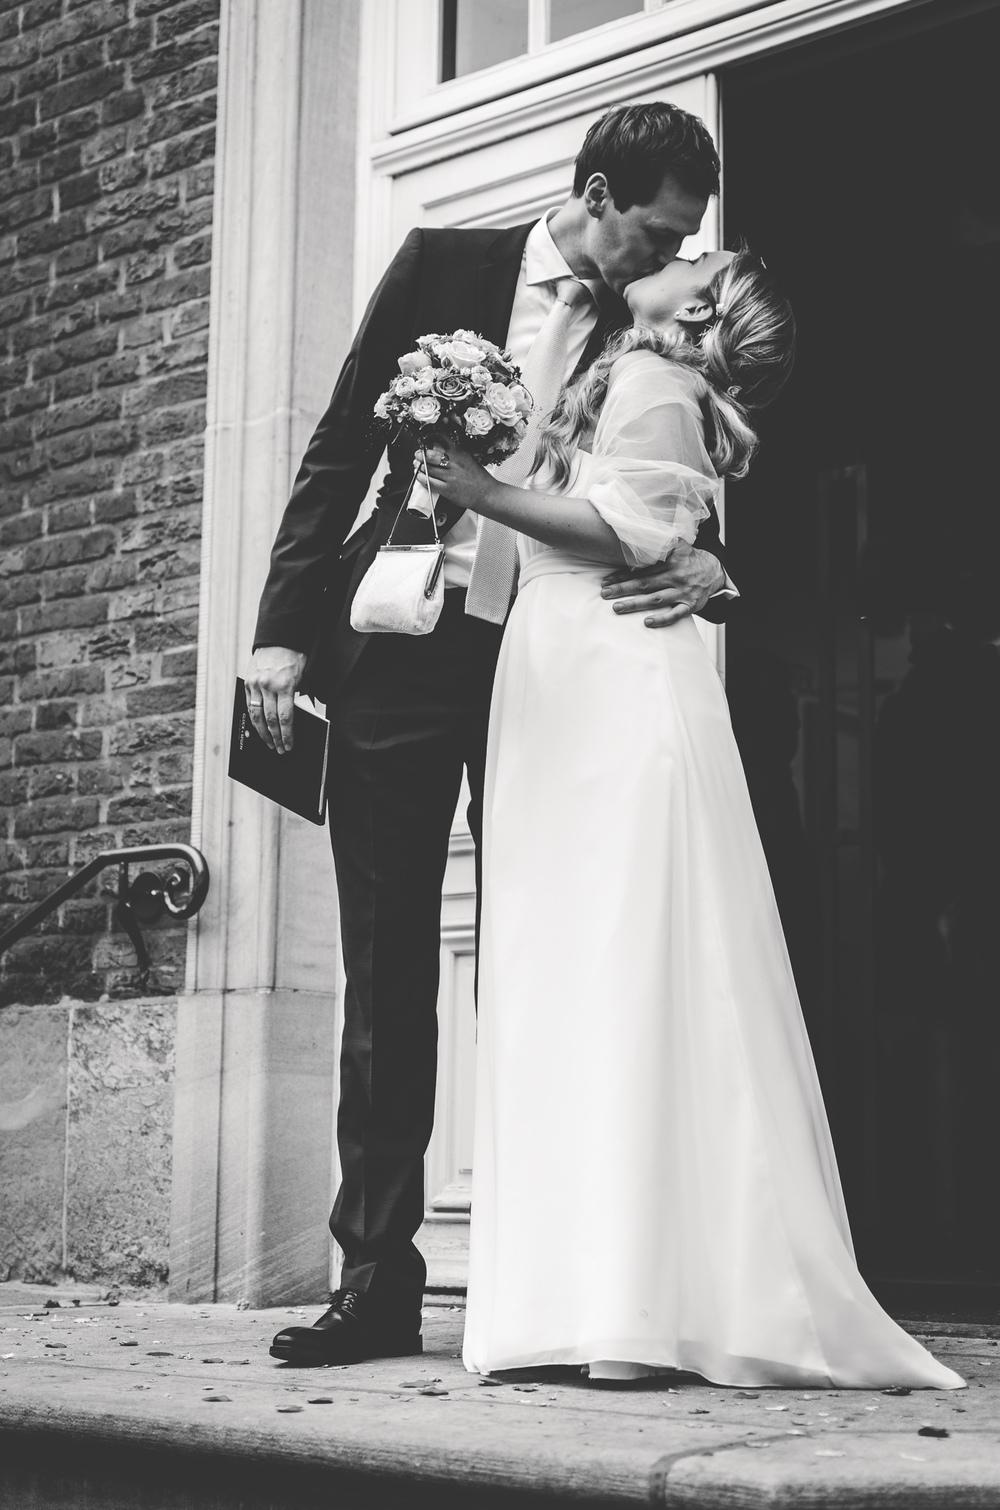 20150905_hochzeit_wedding_torhaus_münster_christoph_schlein-0378.jpg